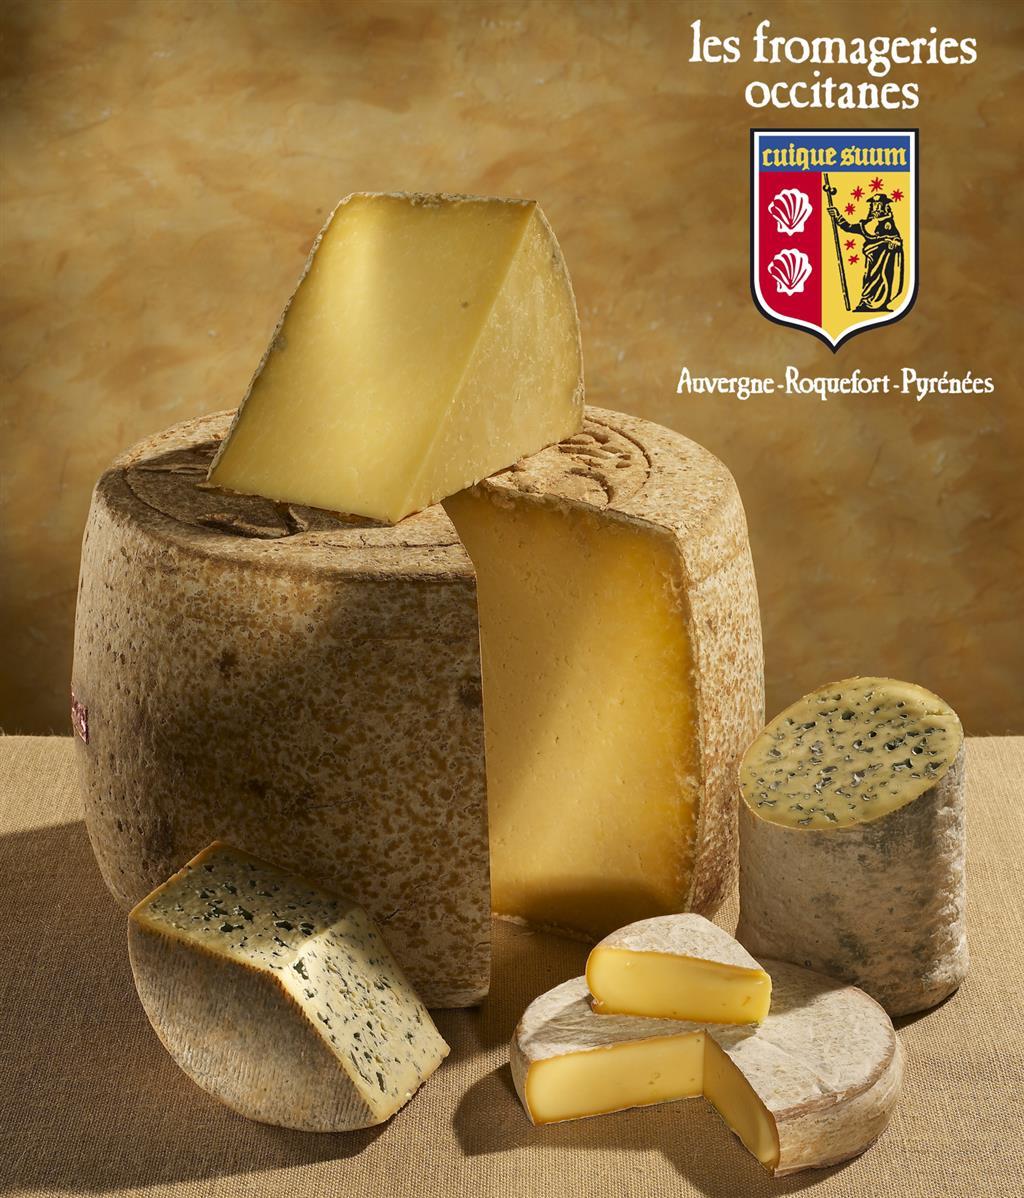 La Fromagerie de Saint-Flour-2